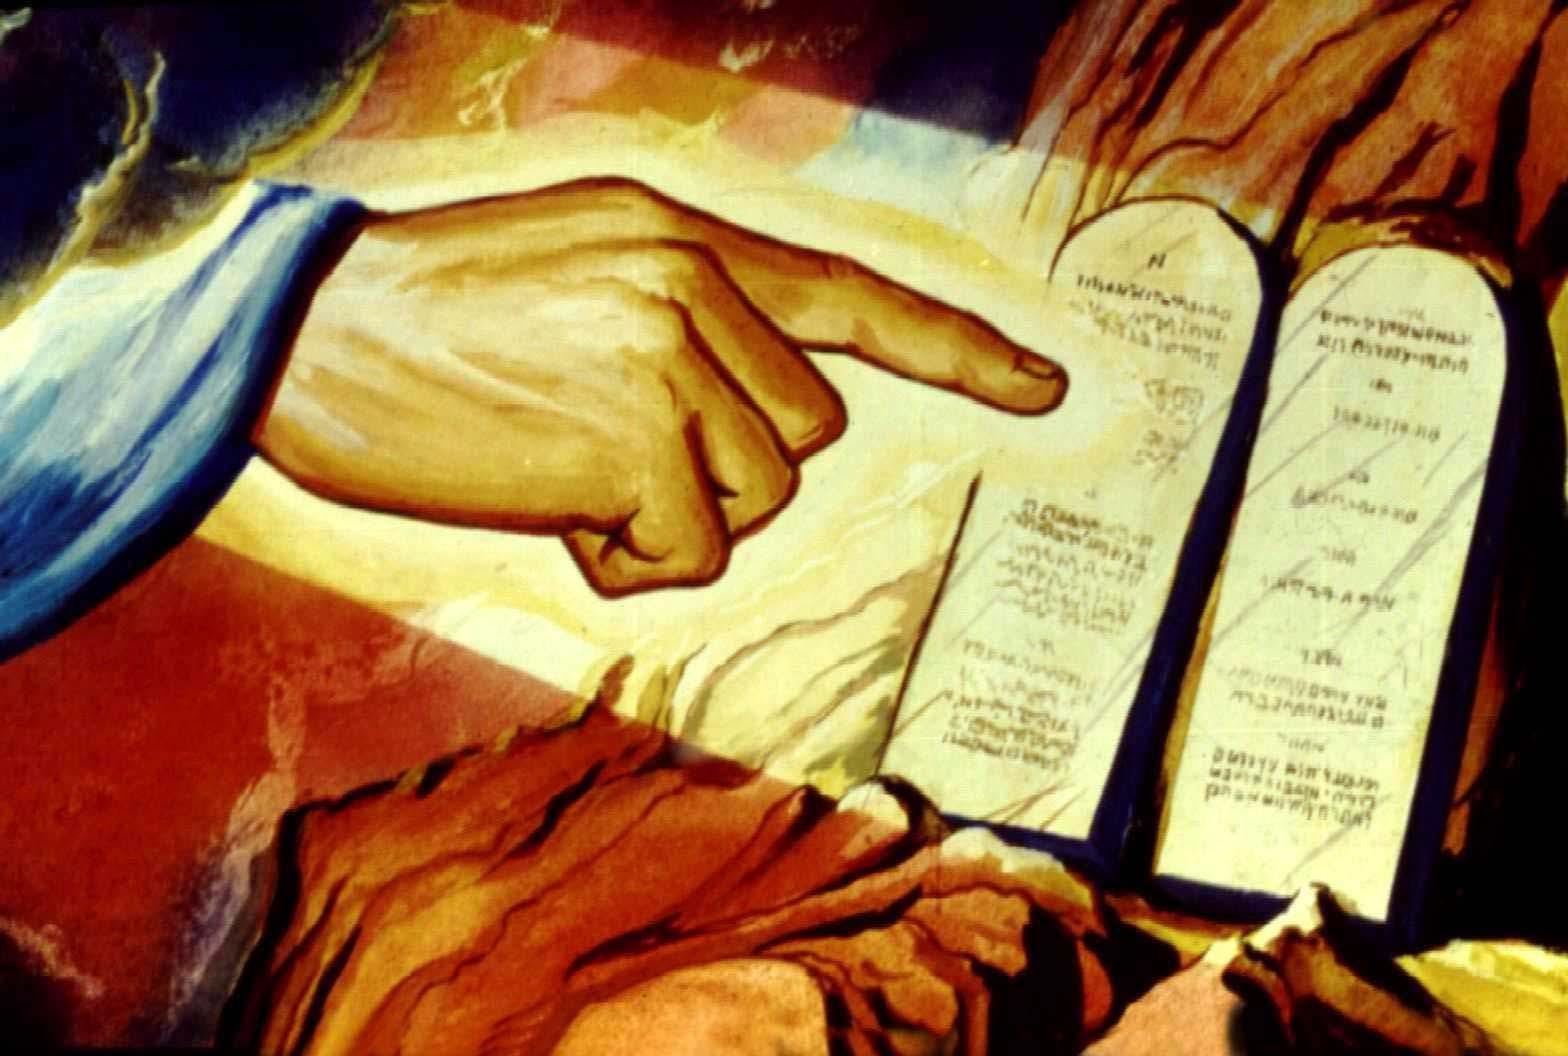 Del Evangelio según Marcos 7,1-13 Se reúnen junto a él los fariseos, así como algunos escribas venidos de Jerusalén. Y al ver que algunos de sus discípulos comían con manos impuras, es decir no lavadas, -es que los fariseos y todos los judíos no comen sin haberse lavado las manos hasta el codo, aferrados a la tradición de los antiguos, y al volver de la plaza, si no se bañan, no comen; y hay otras muchas cosas que observan por tradición, como la purificación de copas, jarros y bandejas-. Por ello, los fariseos y los escribas le preguntan: «¿Por qué tus discípulos no viven conforme a la tradición de los antepasados, sino que comen con manos impuras?» Él les dijo: «Bien profetizó Isaías de vosotros, hipócritas, según está escrito: Este pueblo me honra con los labios, pero su corazón está lejos de mí. En vano me rinden culto, ya que enseñan doctrinas que son preceptos de hombres. «Dejando el precepto de Dios, os aferráis a la tradición de los hombres.» Les decía también: «¡Qué bien violáis el mandamiento de Dios, para conservar vuestra tradición! Porque Moisés dijo: Honra a tu padre y a tu madre y: el que maldiga a su padre o a su madre, sea castigado con la muerte. Pero vosotros decís: Si uno dice a su padre o a su madre: `Lo que de mí podrías recibir como ayuda lo declaro Korbán -es decir: ofrenda-', ya no le dejáis hacer nada por su padre y por su madre, anulando así la palabra de Dios por vuestra tradición que os habéis transmitido; y hacéis muchas cosas semejantes a éstas.»  3) Reflexión • El Evangelio de hoy habla de las costumbres religiosas de aquel tiempo y de los fariseos que enseñaban estas costumbres a la gente. Por ejemplo, comer sin lavarse las manos o, como ellos decían, comer con manos impuras. Muchas de estas costumbres estaban desligadas de la vida y habían perdido su sentido. Sin embargo se conservaban o por miedo o por superstición. El Evangelio nos trae algunas instrucciones de Jesús respeto de esas costumbres.